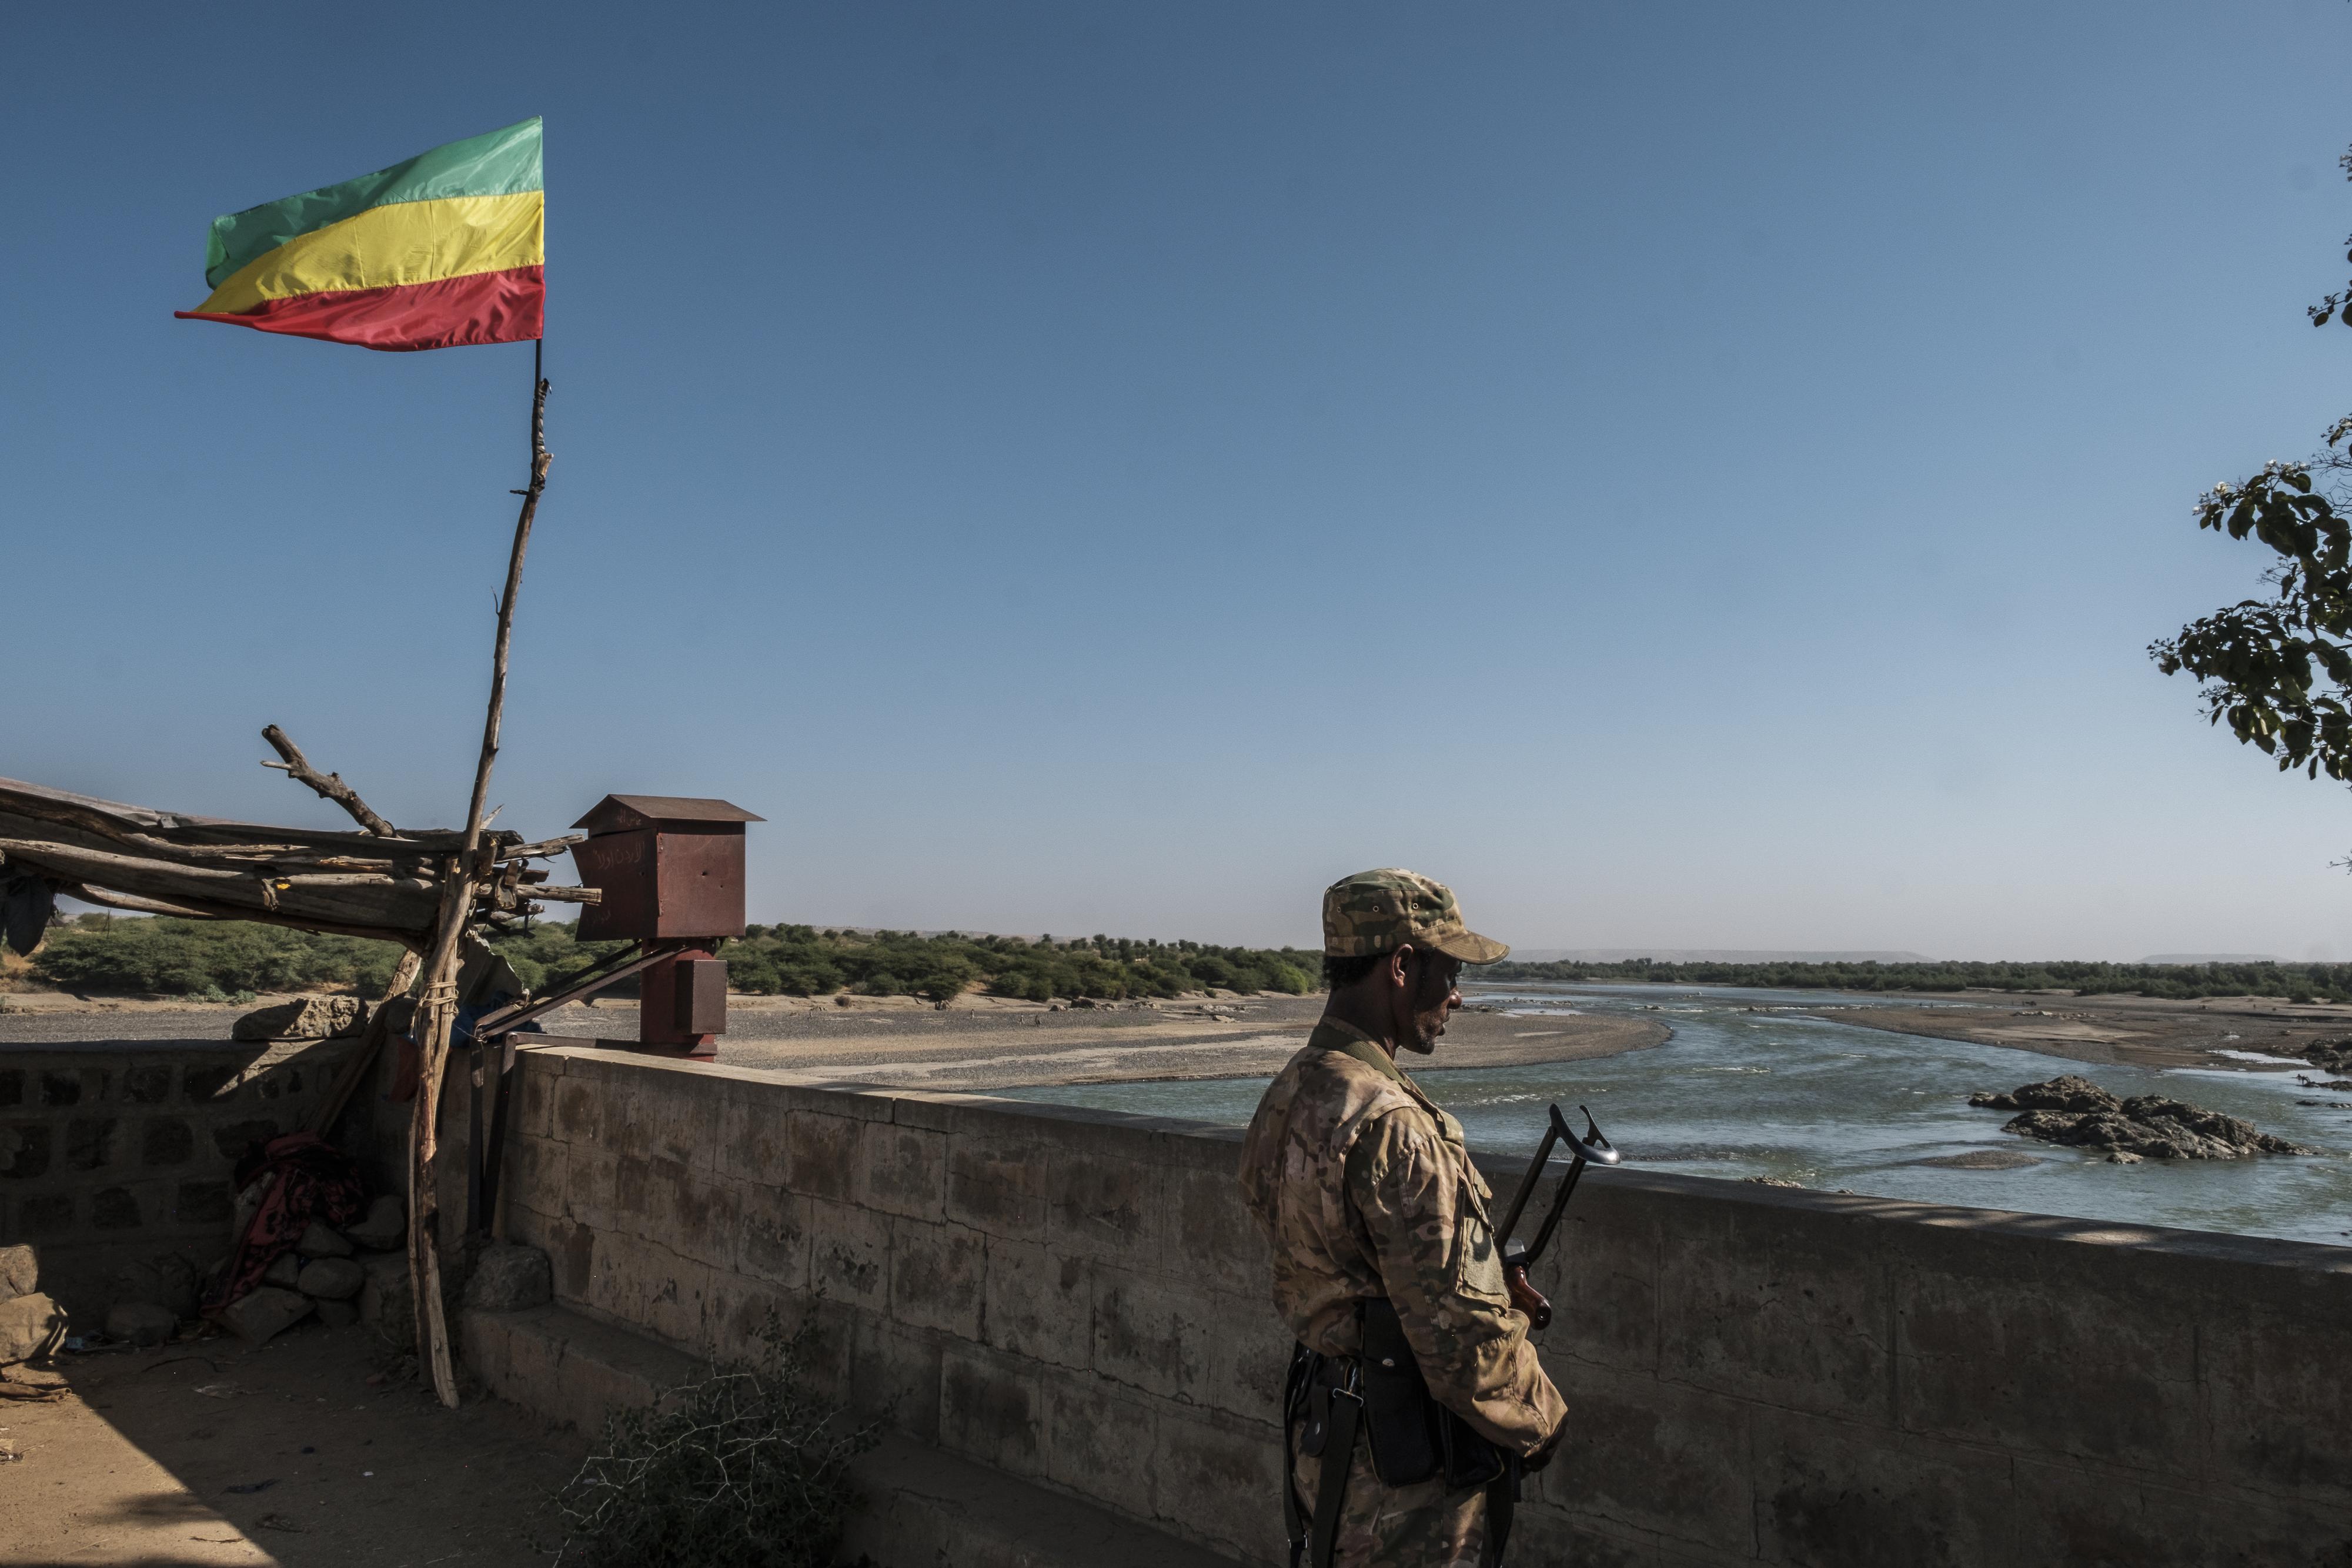 Egy jelentés szerint az etióp biztonsági erők lelkén szárad több civil megölése is az országban tomboló etnikai zavargásokban